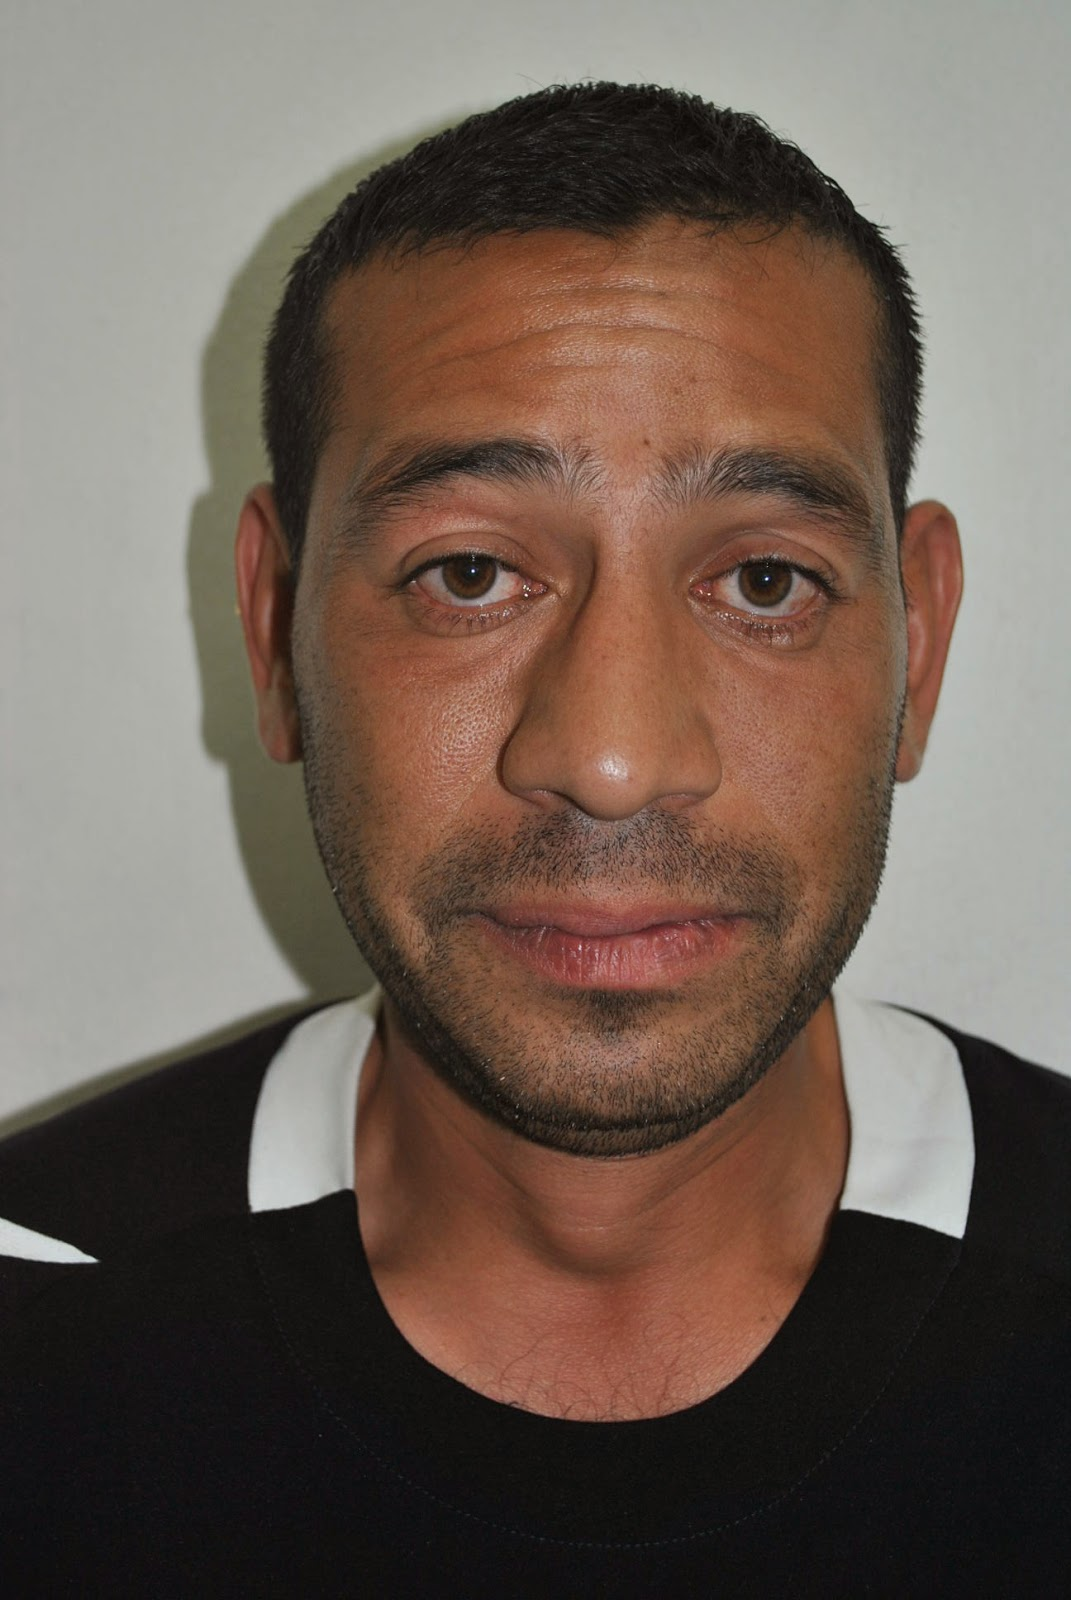 ... Ibarra Estrada, de 30 años de edad, originario y vecino del poblado de pantanal municipio de Xalisco, con domicilio conocido por el delito de lesiones ... - 3.-%2BMARCO%2BANTONIO%2BRODRIGUEZ%2BCAMPOS%2By_o%2BLUIS%2BFERNANDO%2BAMADOR%2BLARA%2B(3)